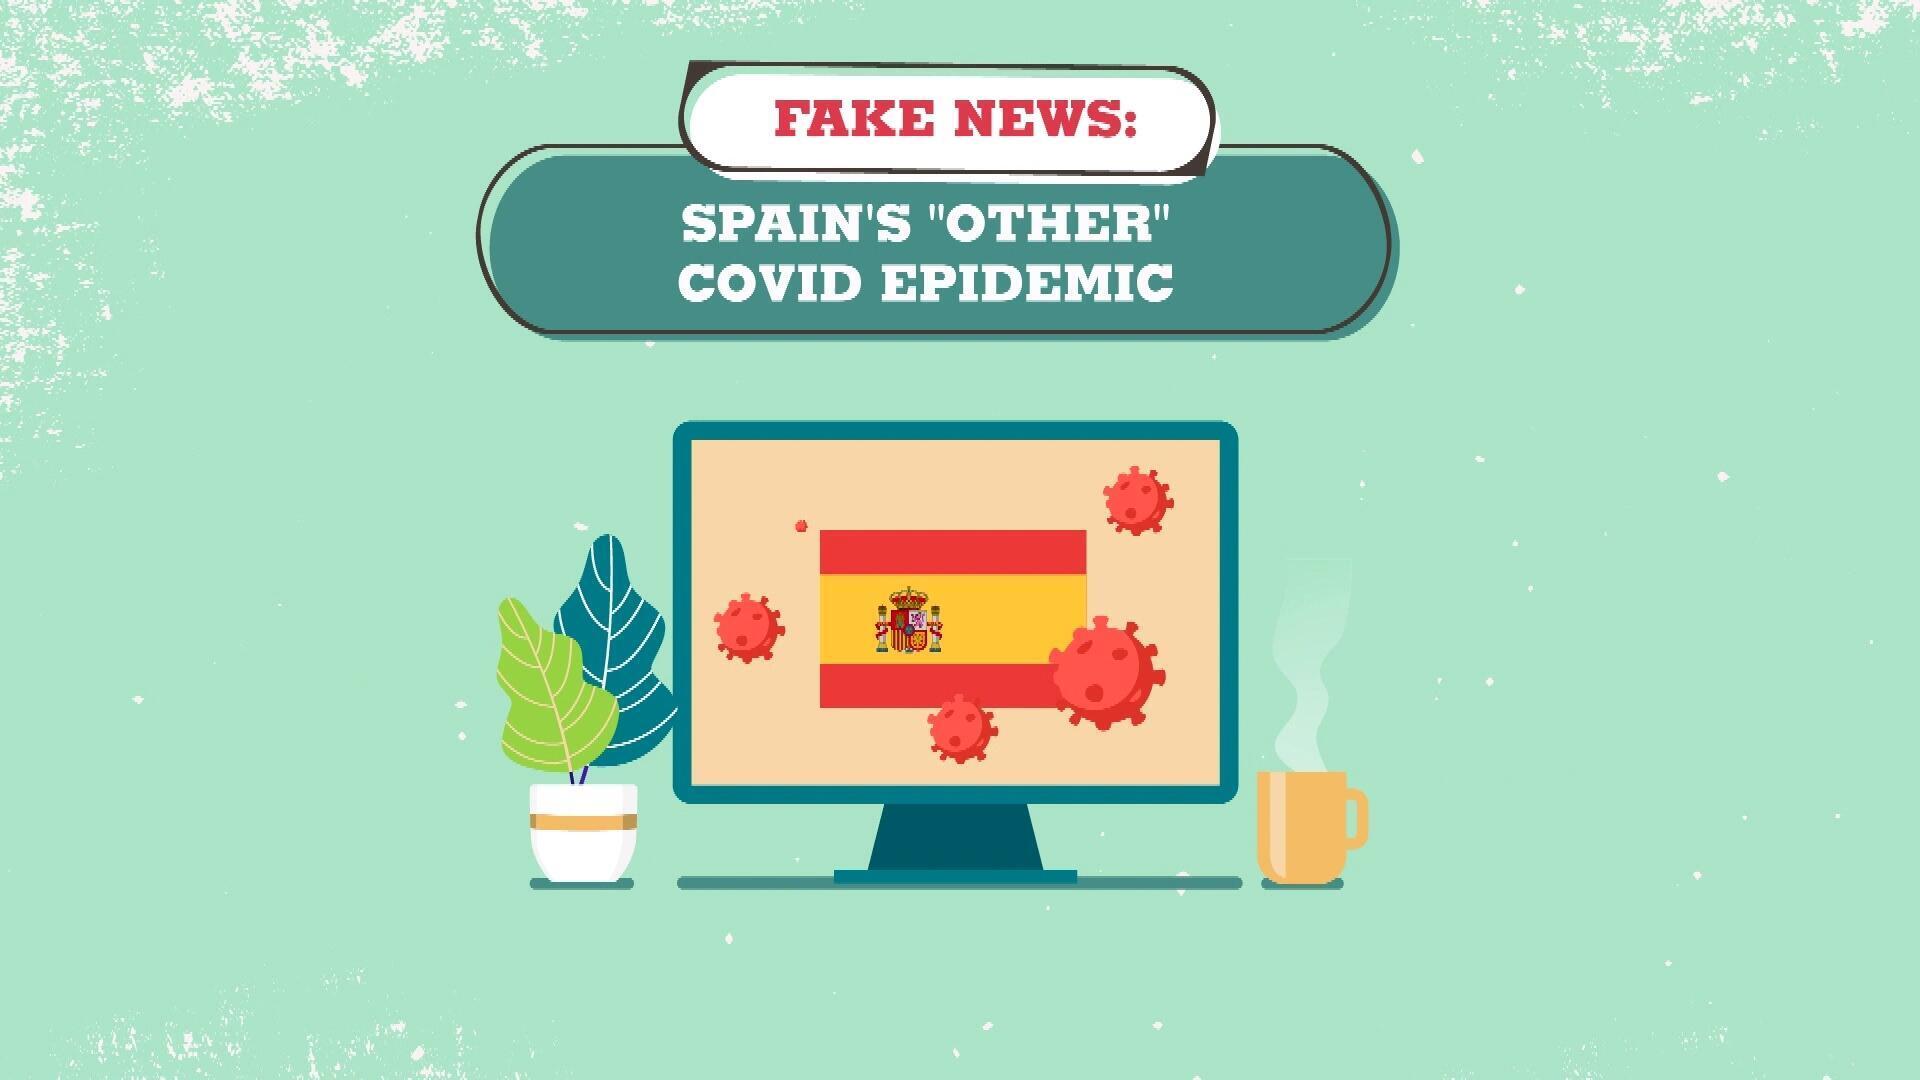 2021-07-15 13:23 EN WB TALKING EUROPE FAKE NEWS BALEARES DESINFORMATION